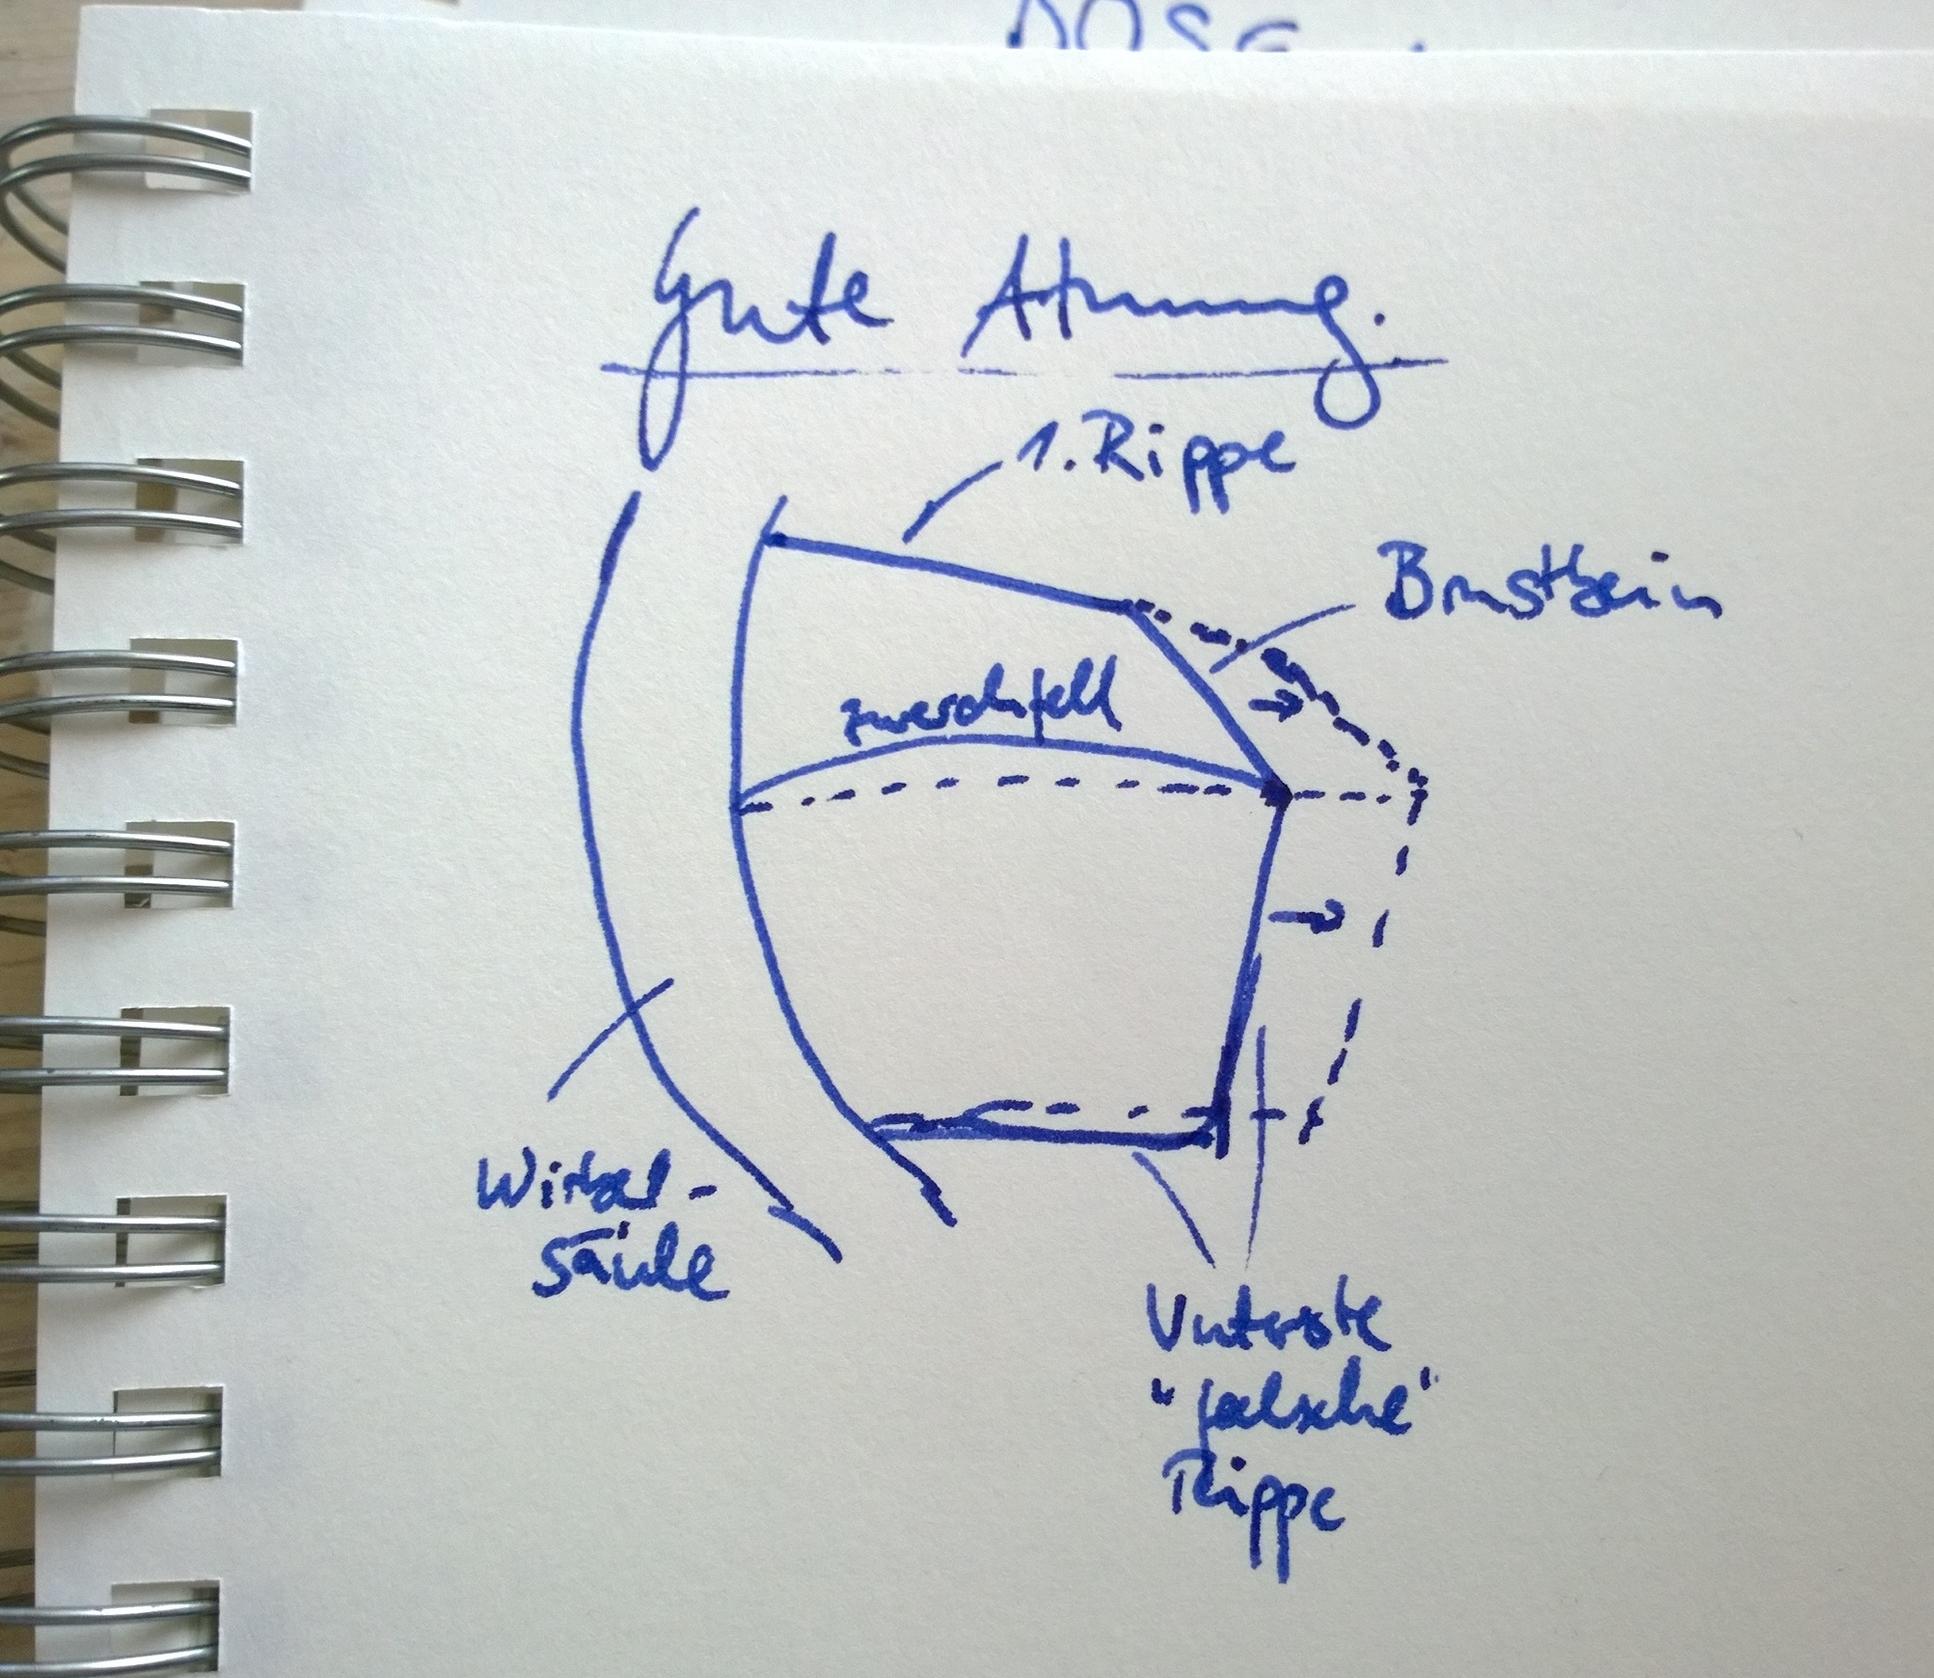 GUTE Einatmung: Der Brustkorb weitet sich radial in alle Richtungen; das Zwerchfell flacht sich aus seiner kuppelhaften Neutralstellung ab und gibt stabilisierenden Druck in den Bauchraum; die Interkostalmuskeln weiten die Abstände zwischen den Rippen. [Durchgehende Linie: Neutralposition; gestrichelte Linie: Am Umkehrpunkt der Einatmung.]